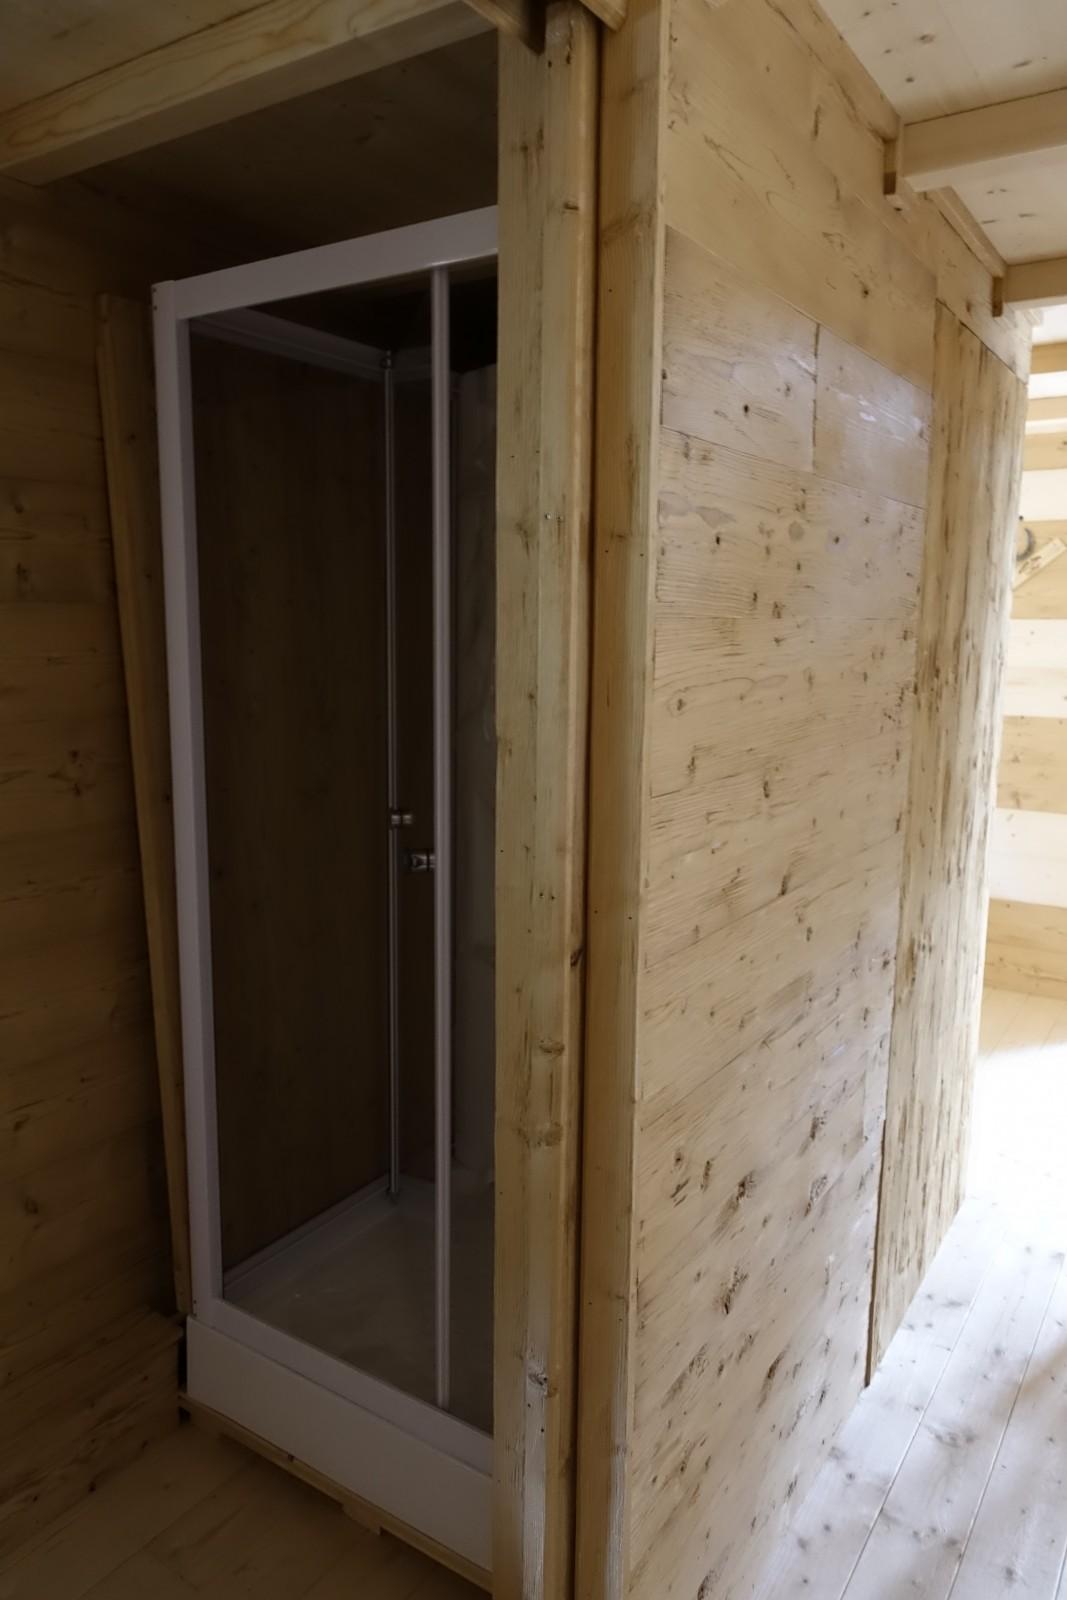 Unbehandeltes Holz geht mit modernen Einrichtungselementen eine Symbiose ein